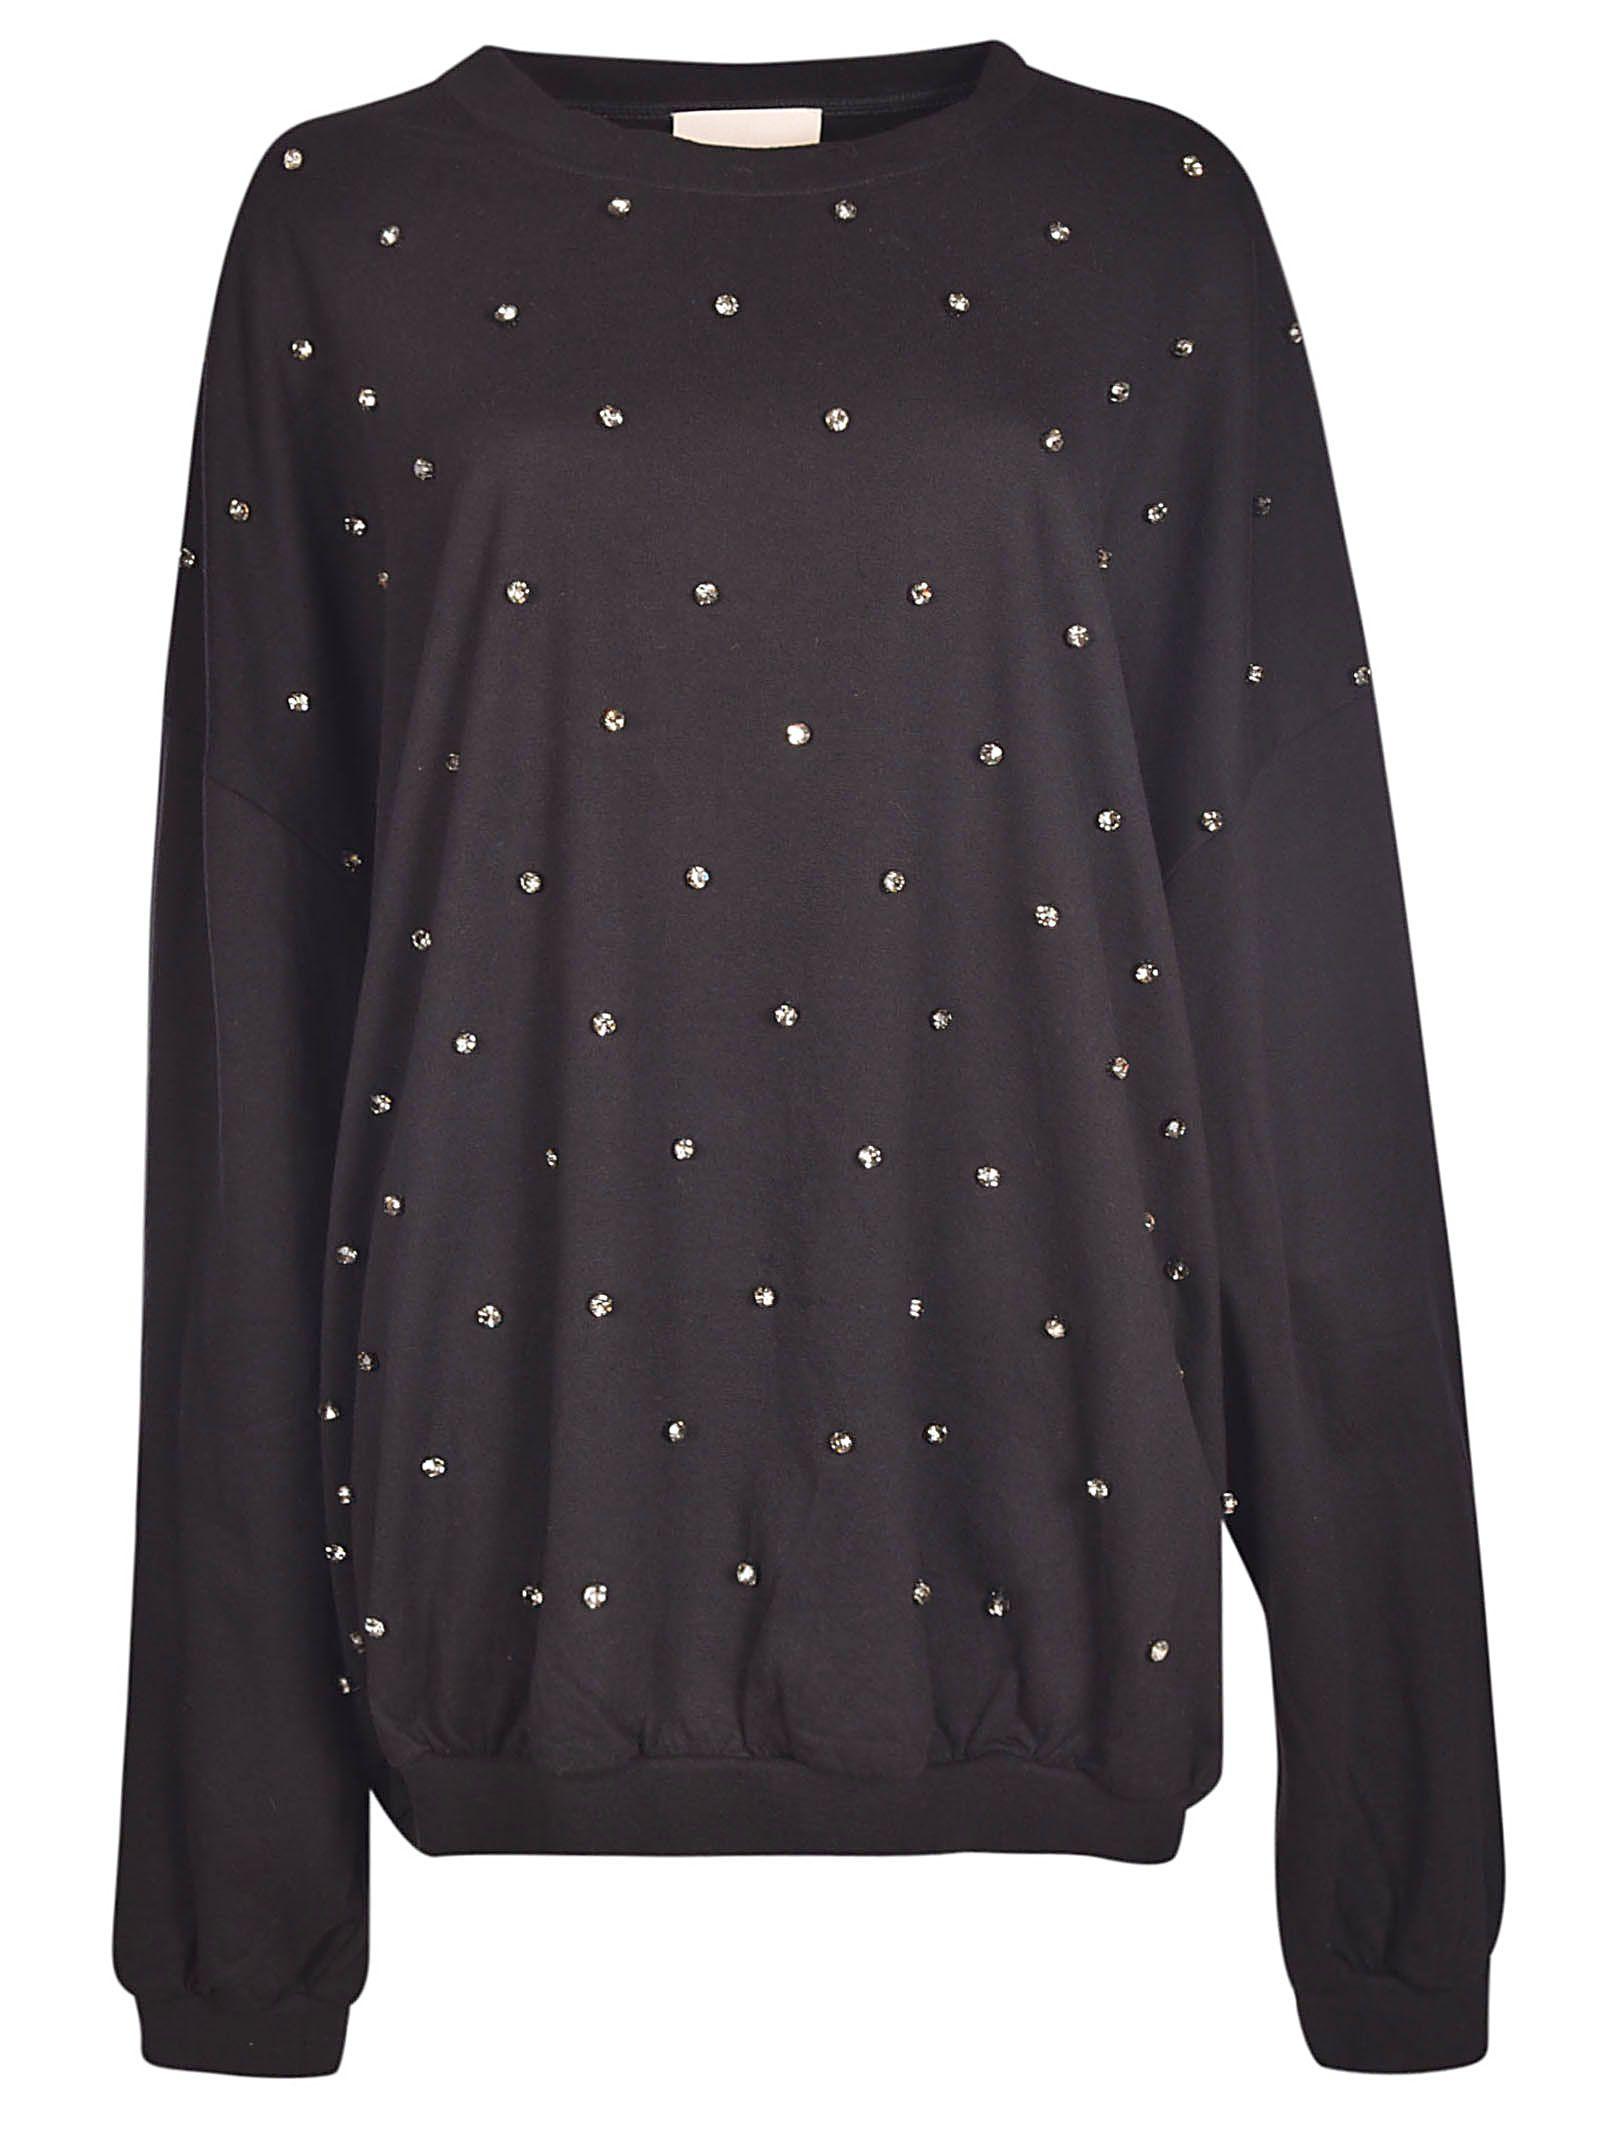 Erika Cavallini Embellished Oversized Shirt